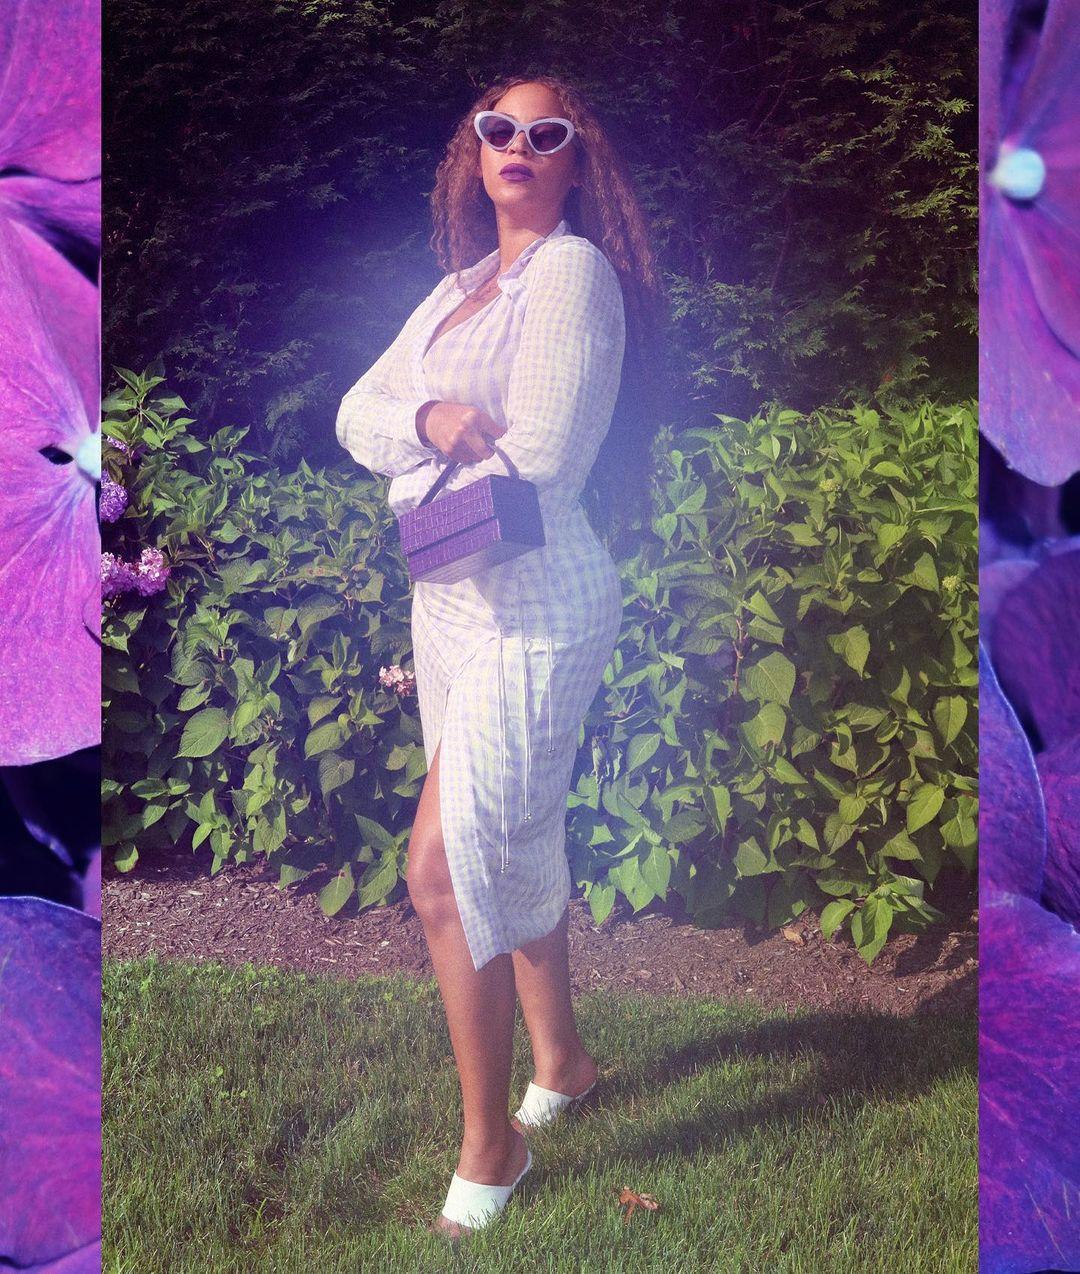 بيونسي ترتدي الفستان العملي مع صندل أبيض الصورة من انستقرامها الخاص @beyonce